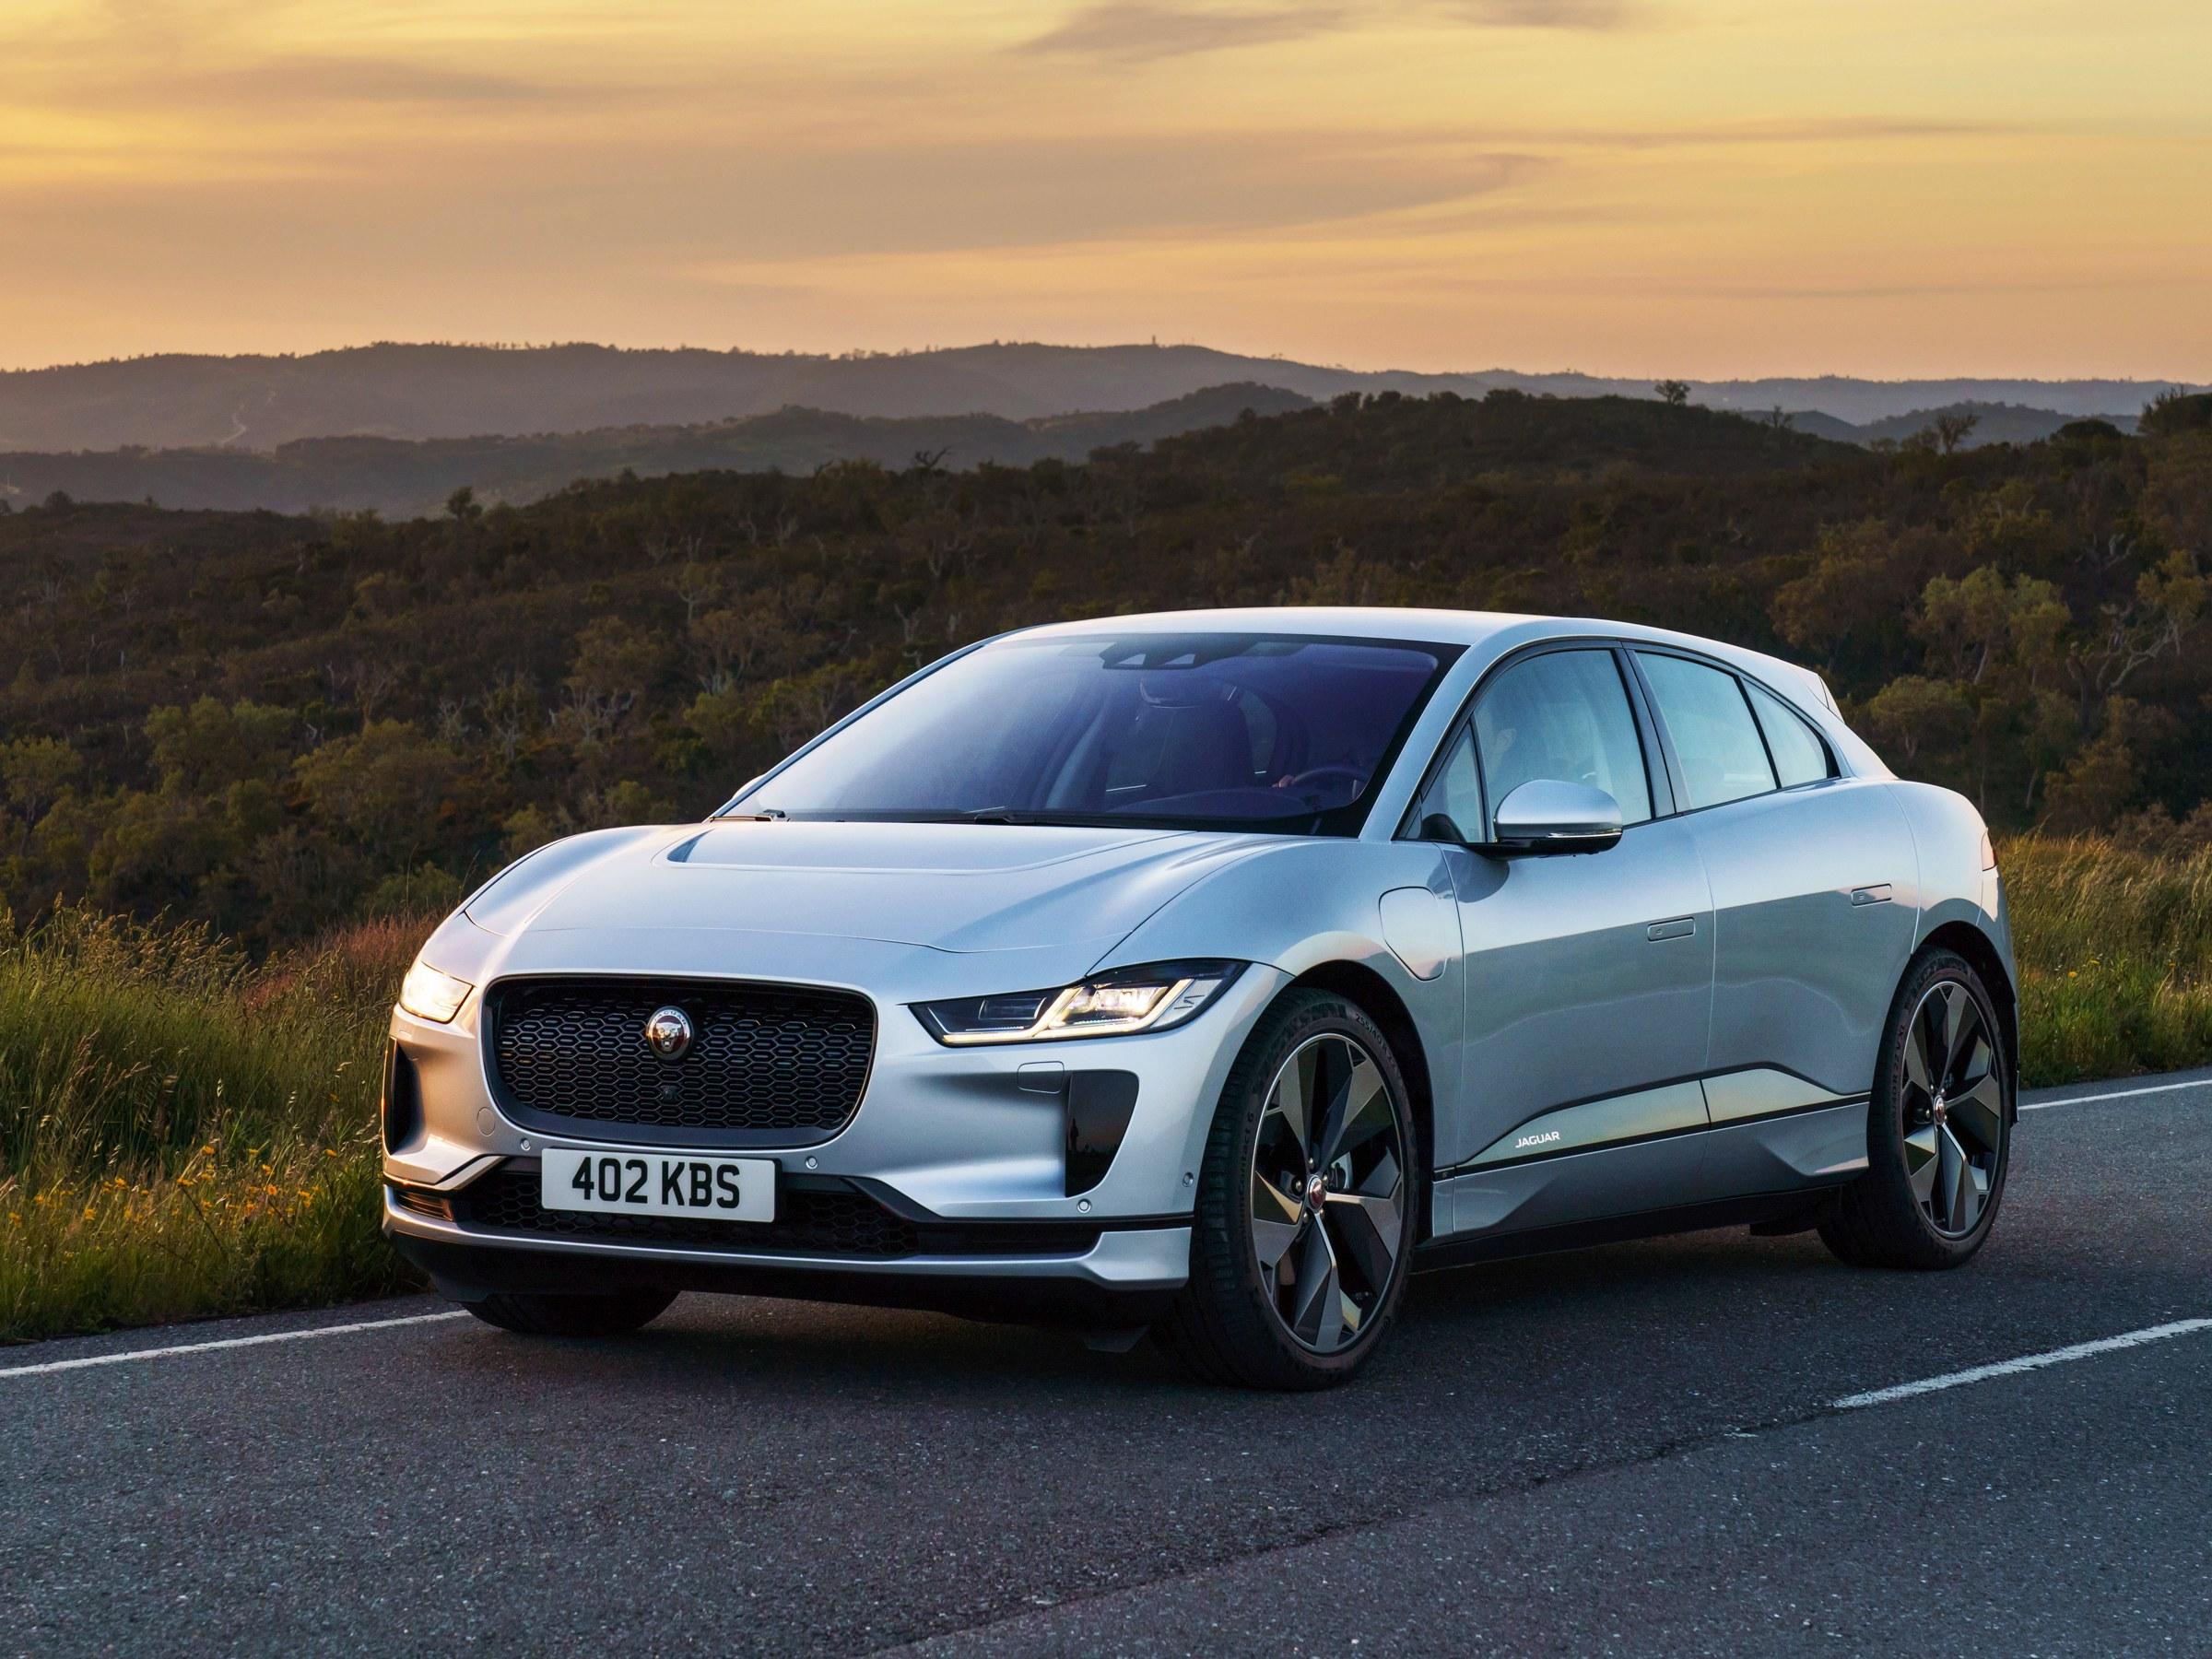 Jaguar ηλεκτρικό αυτοκίνητο